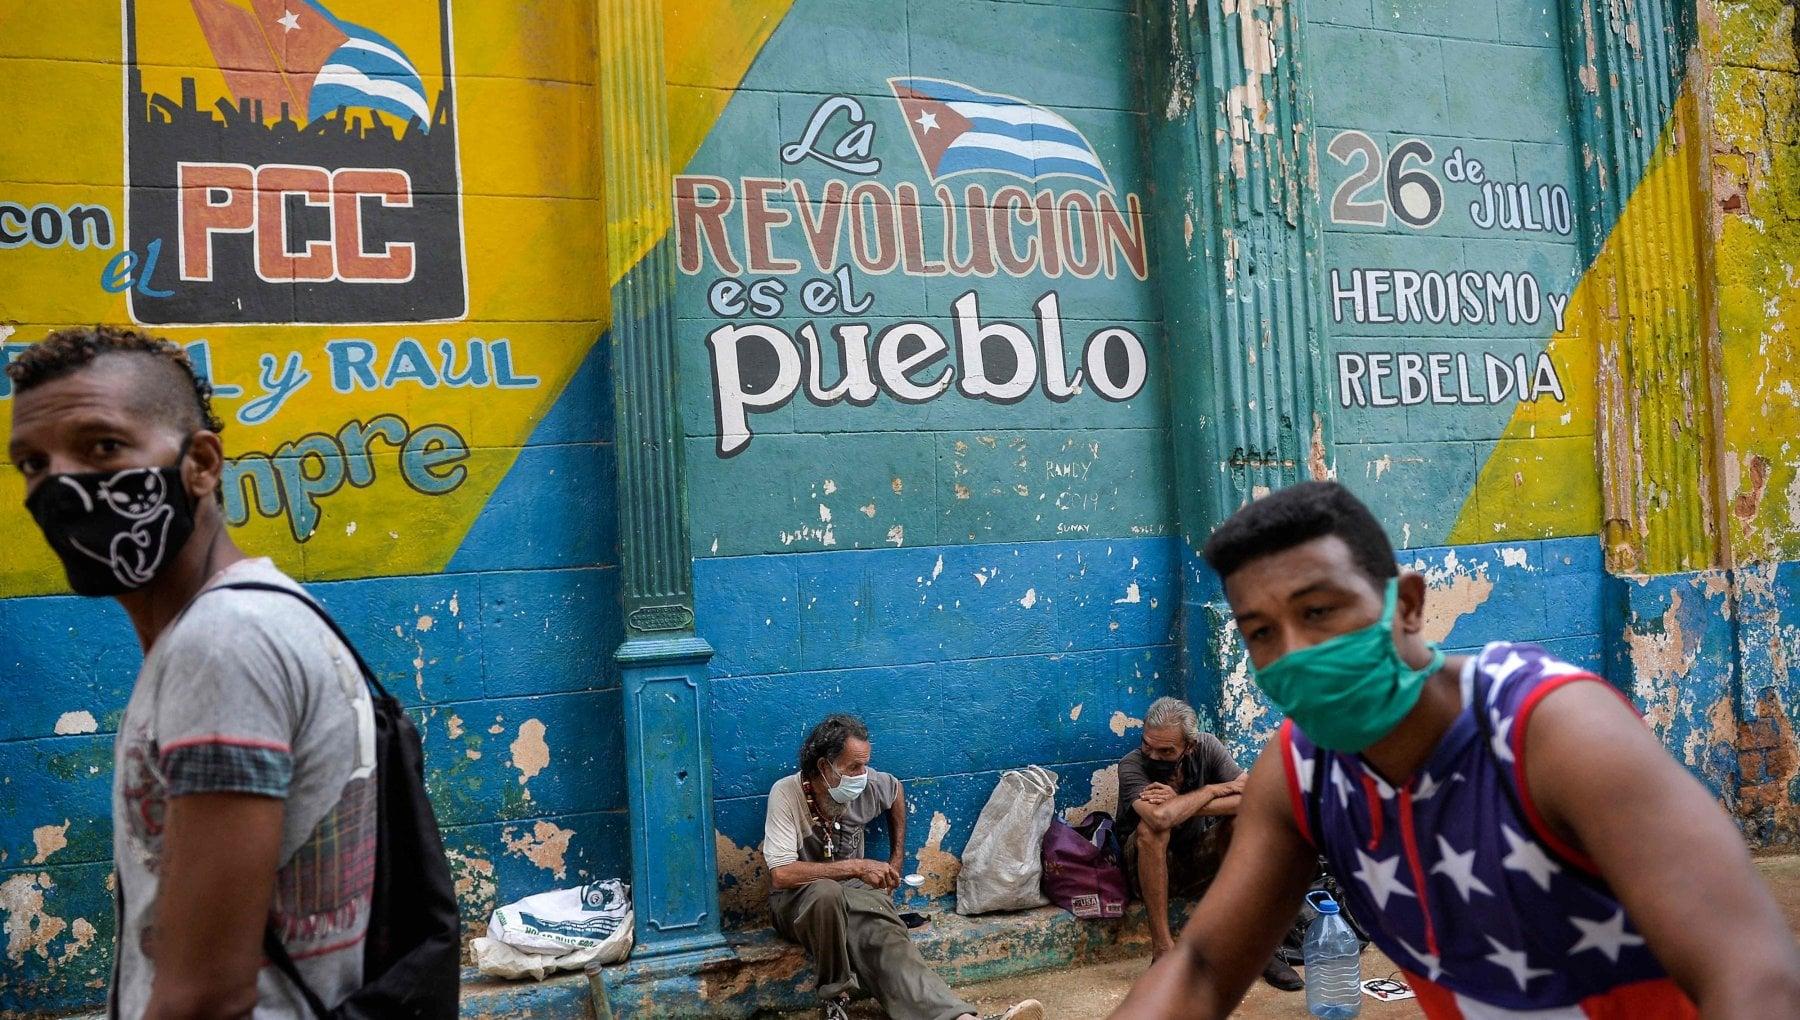 064403341 c6c571fc 89bb 402f a201 1599b23761ba - Coronavirus nel mondo, in Brasile mai così tante vittime in un giorno. Il vaccino cubano pronto a giugno